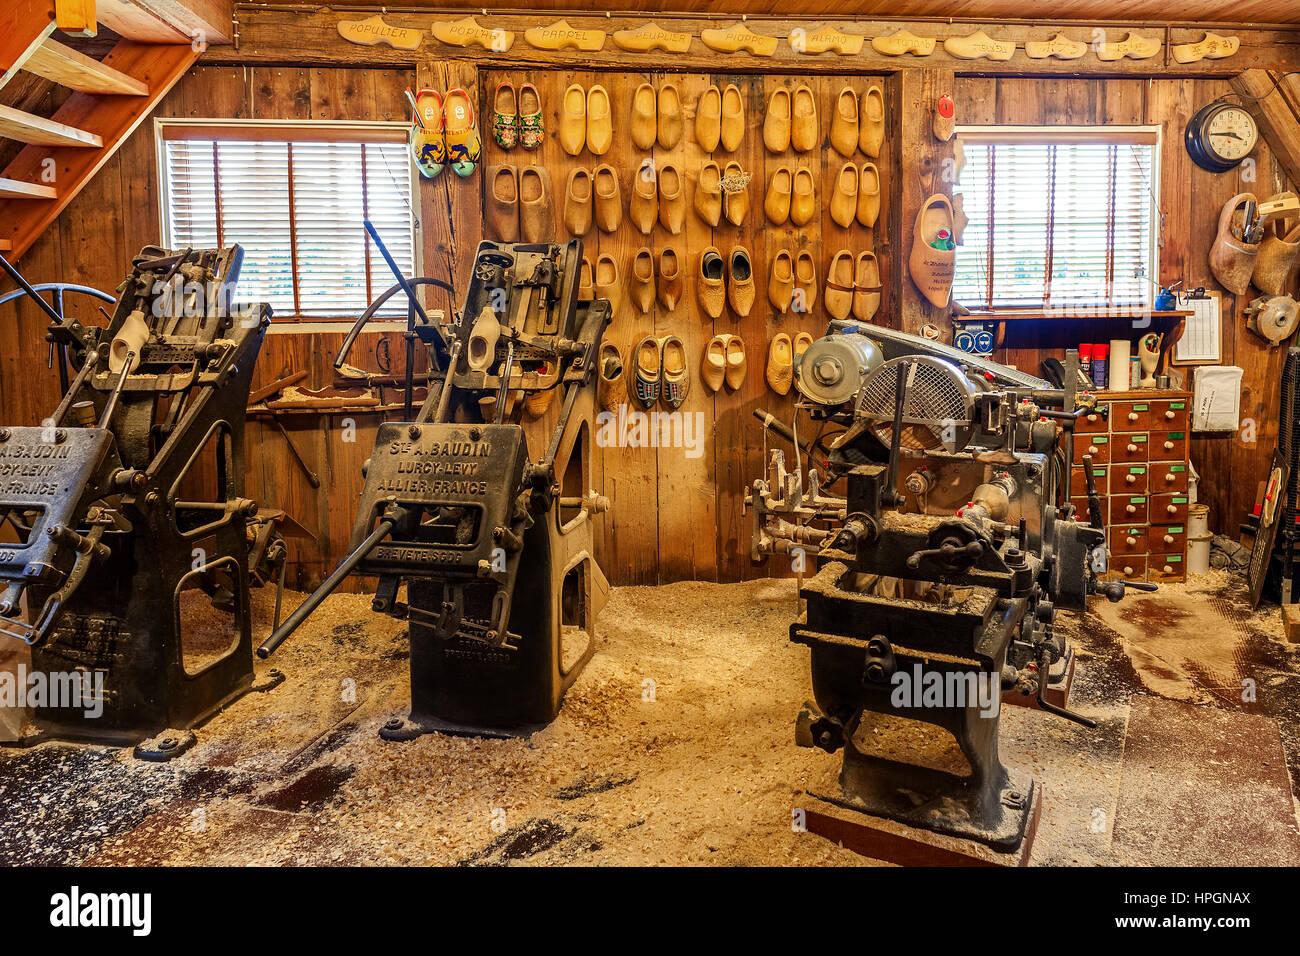 ZAANSE SCHANS, Holanda - Julio 08, 2015: Vintage máquinas herramientas en un pequeño taller en Zaanse Imagen De Stock